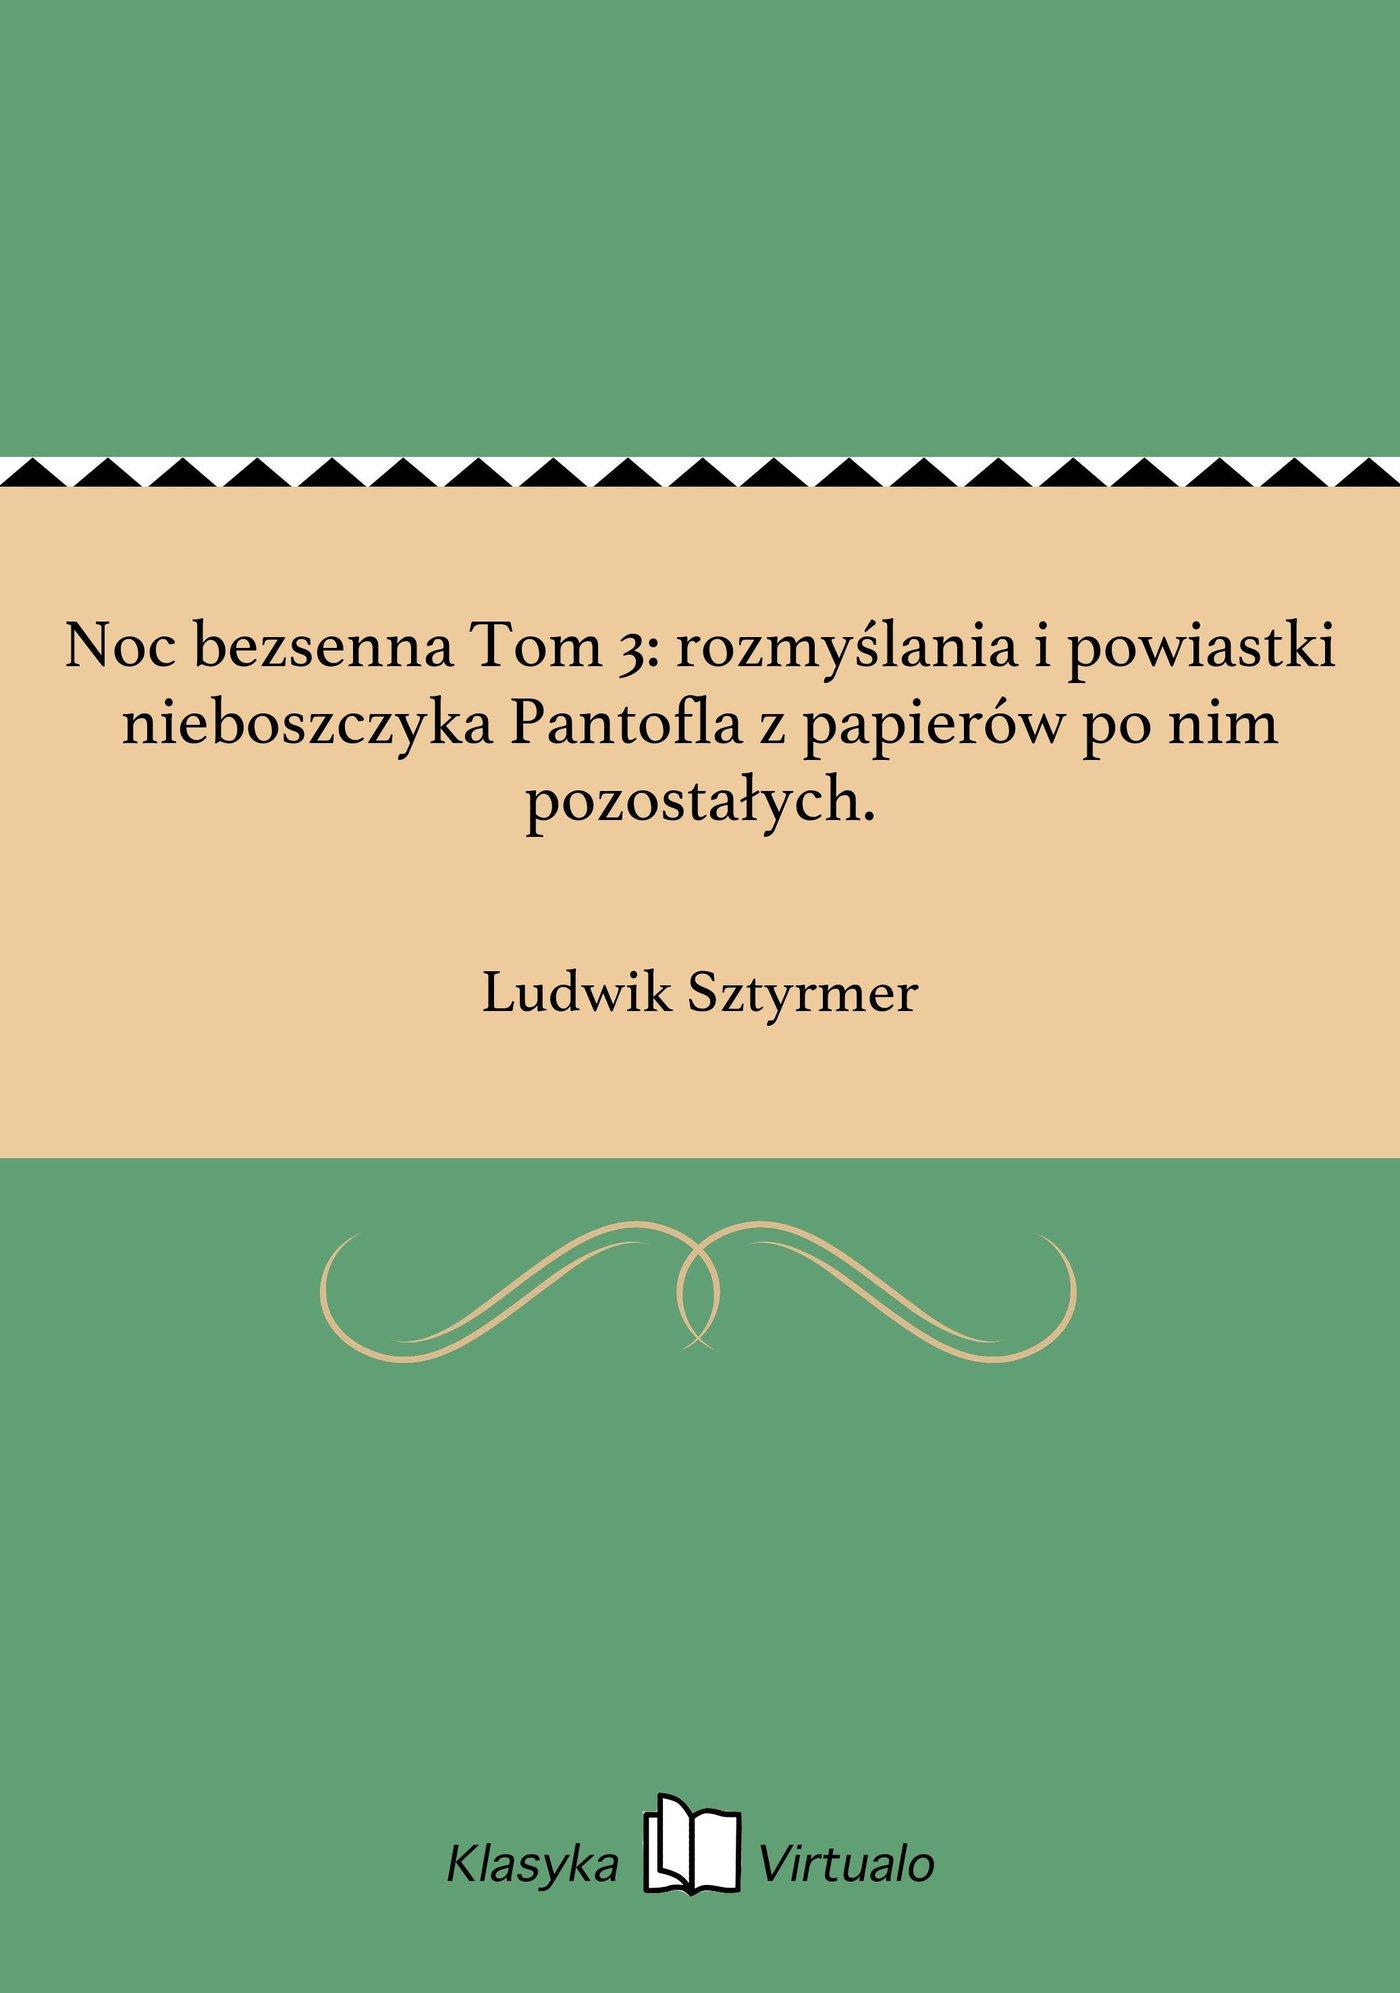 Noc bezsenna Tom 3: rozmyślania i powiastki nieboszczyka Pantofla z papierów po nim pozostałych. - Ebook (Książka EPUB) do pobrania w formacie EPUB